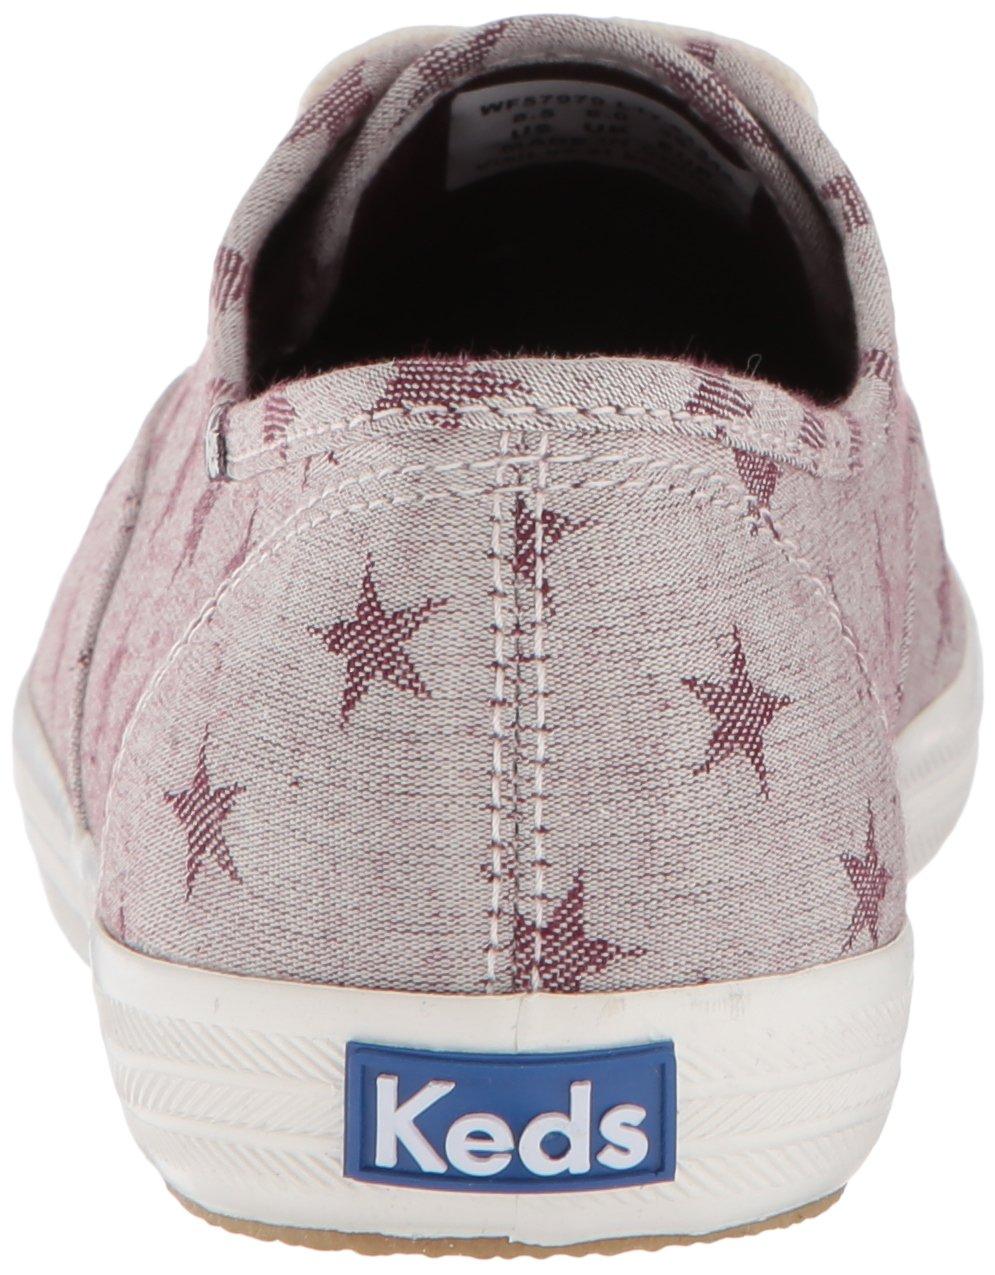 Keds Women's Champion 6.5 Star Chambray Sneaker B072WRP3X5 6.5 Champion B(M) US|Mahogany 7ddd3e